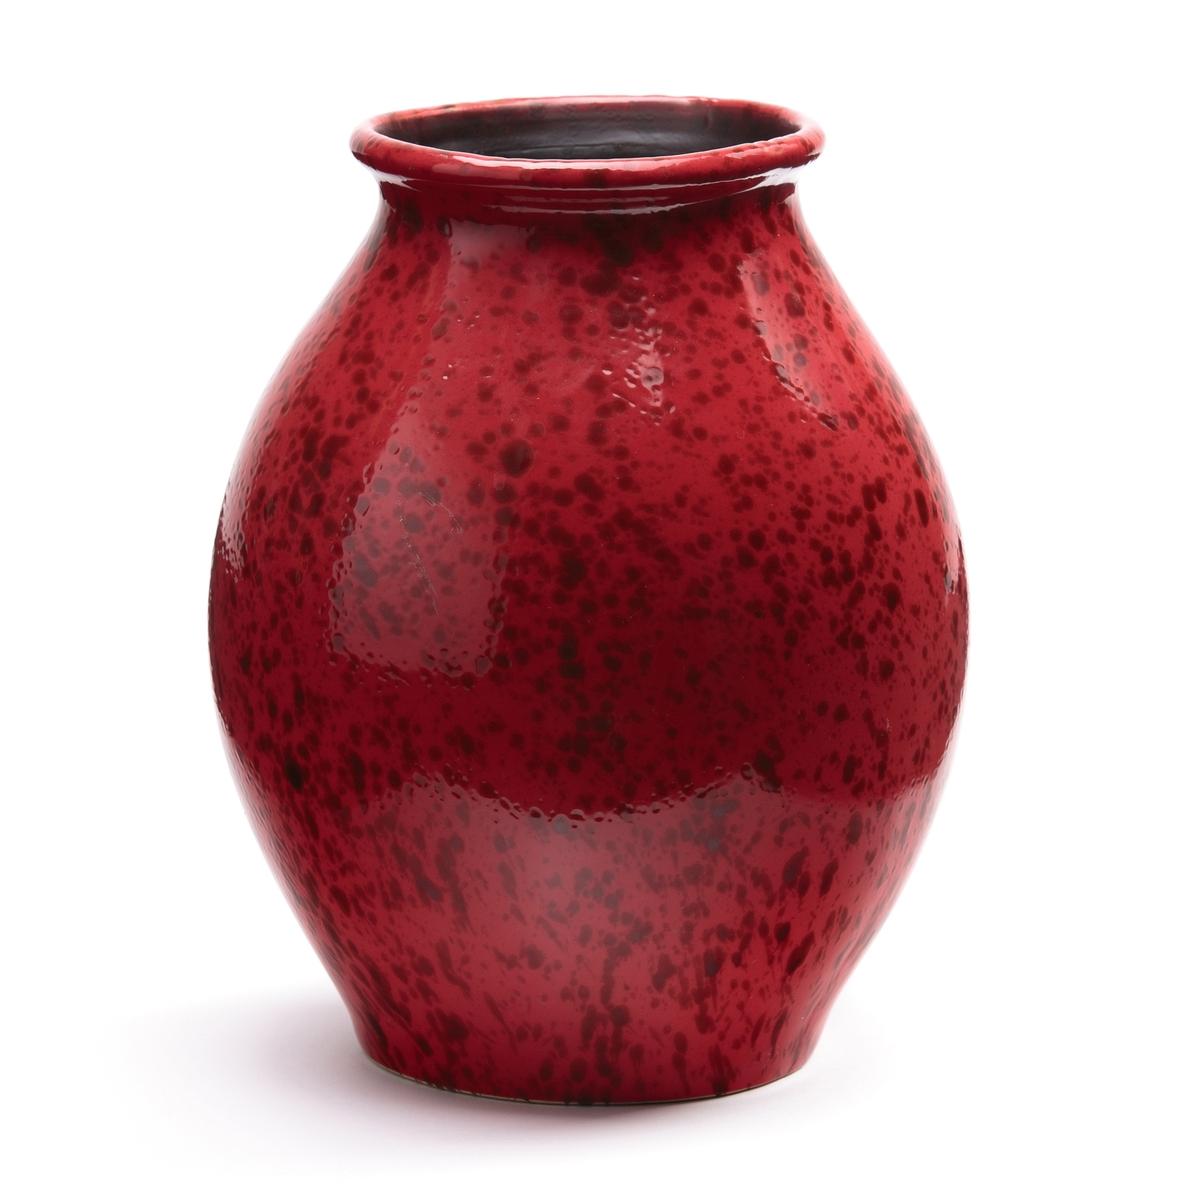 Ваза из керамики, TribadeВаза Tribade. Ваза из керамики красивого красного цвета с отделкой эмалью . Размеры : ?23 x H28,5 см .<br><br>Цвет: красный